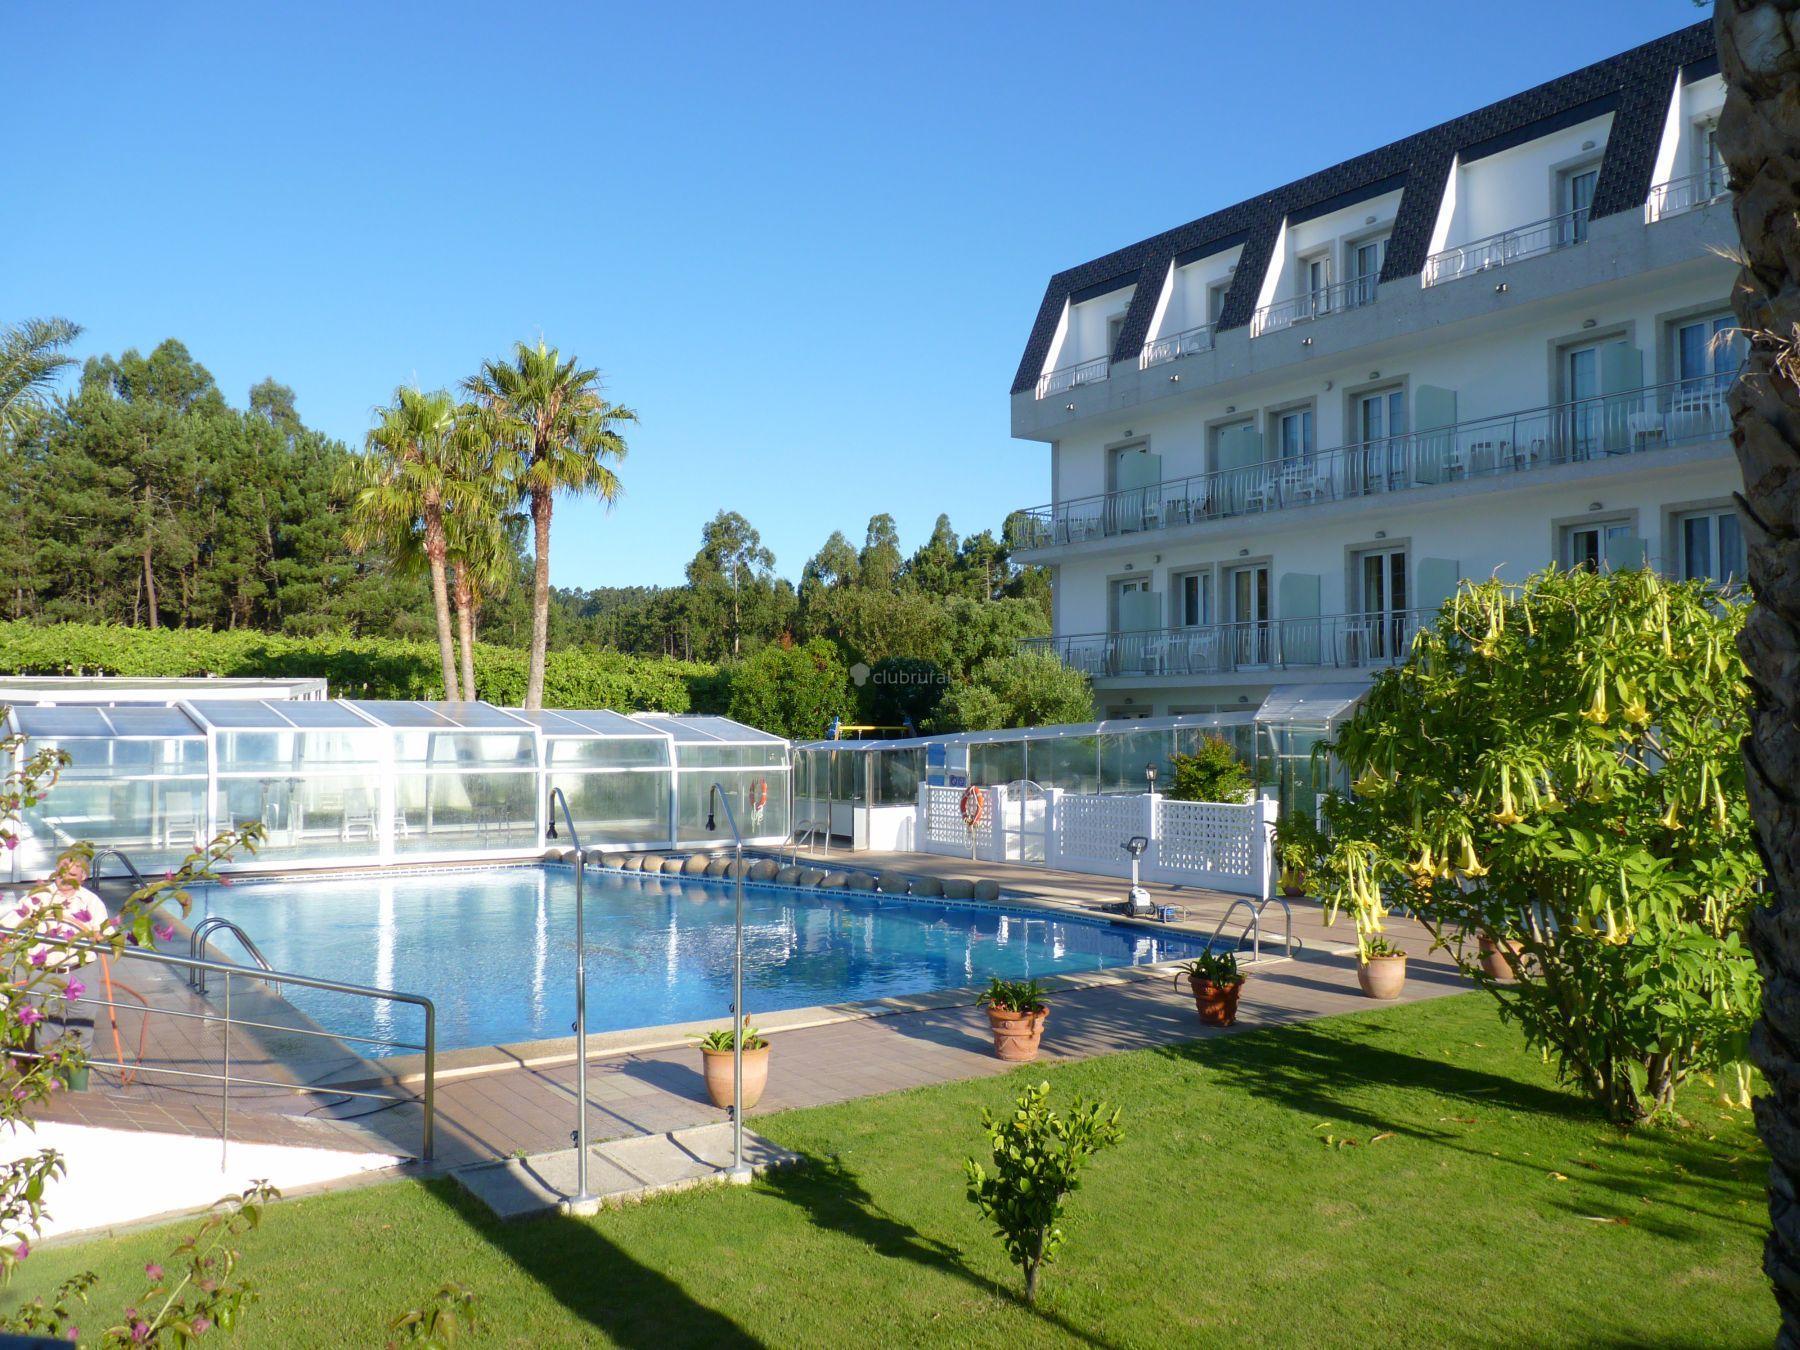 Fotos de hotel nuevo vichona spa pontevedra sangenjo sanxenxo clubrural - Casas rurales galicia ofertas ...